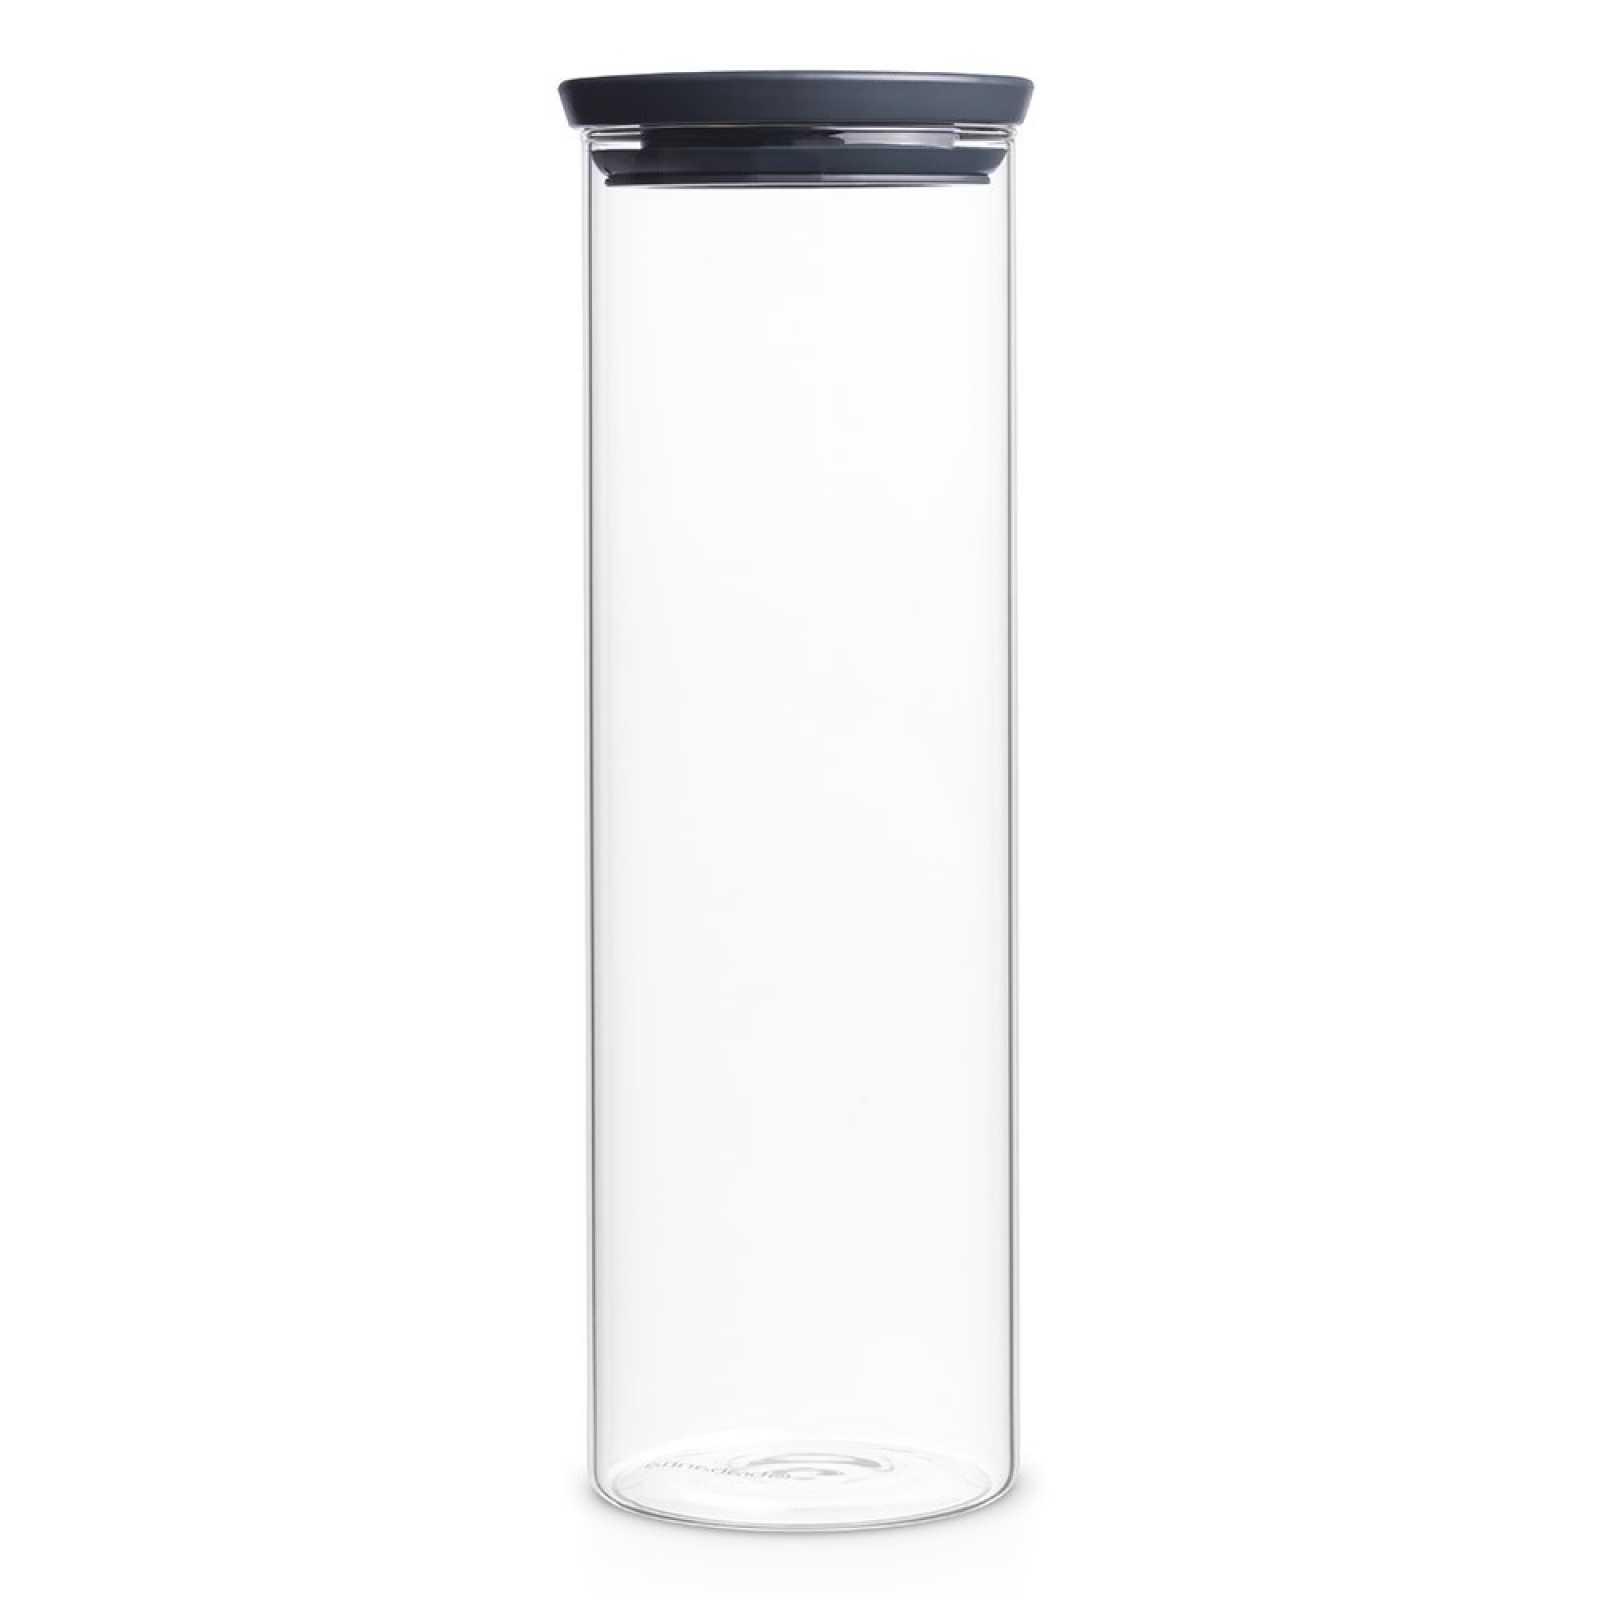 Онлайн каталог PROMENU: Банка модульная стеклянная Brabantia, объем 1,9 л, прозрачный с серым Brabantia 298240